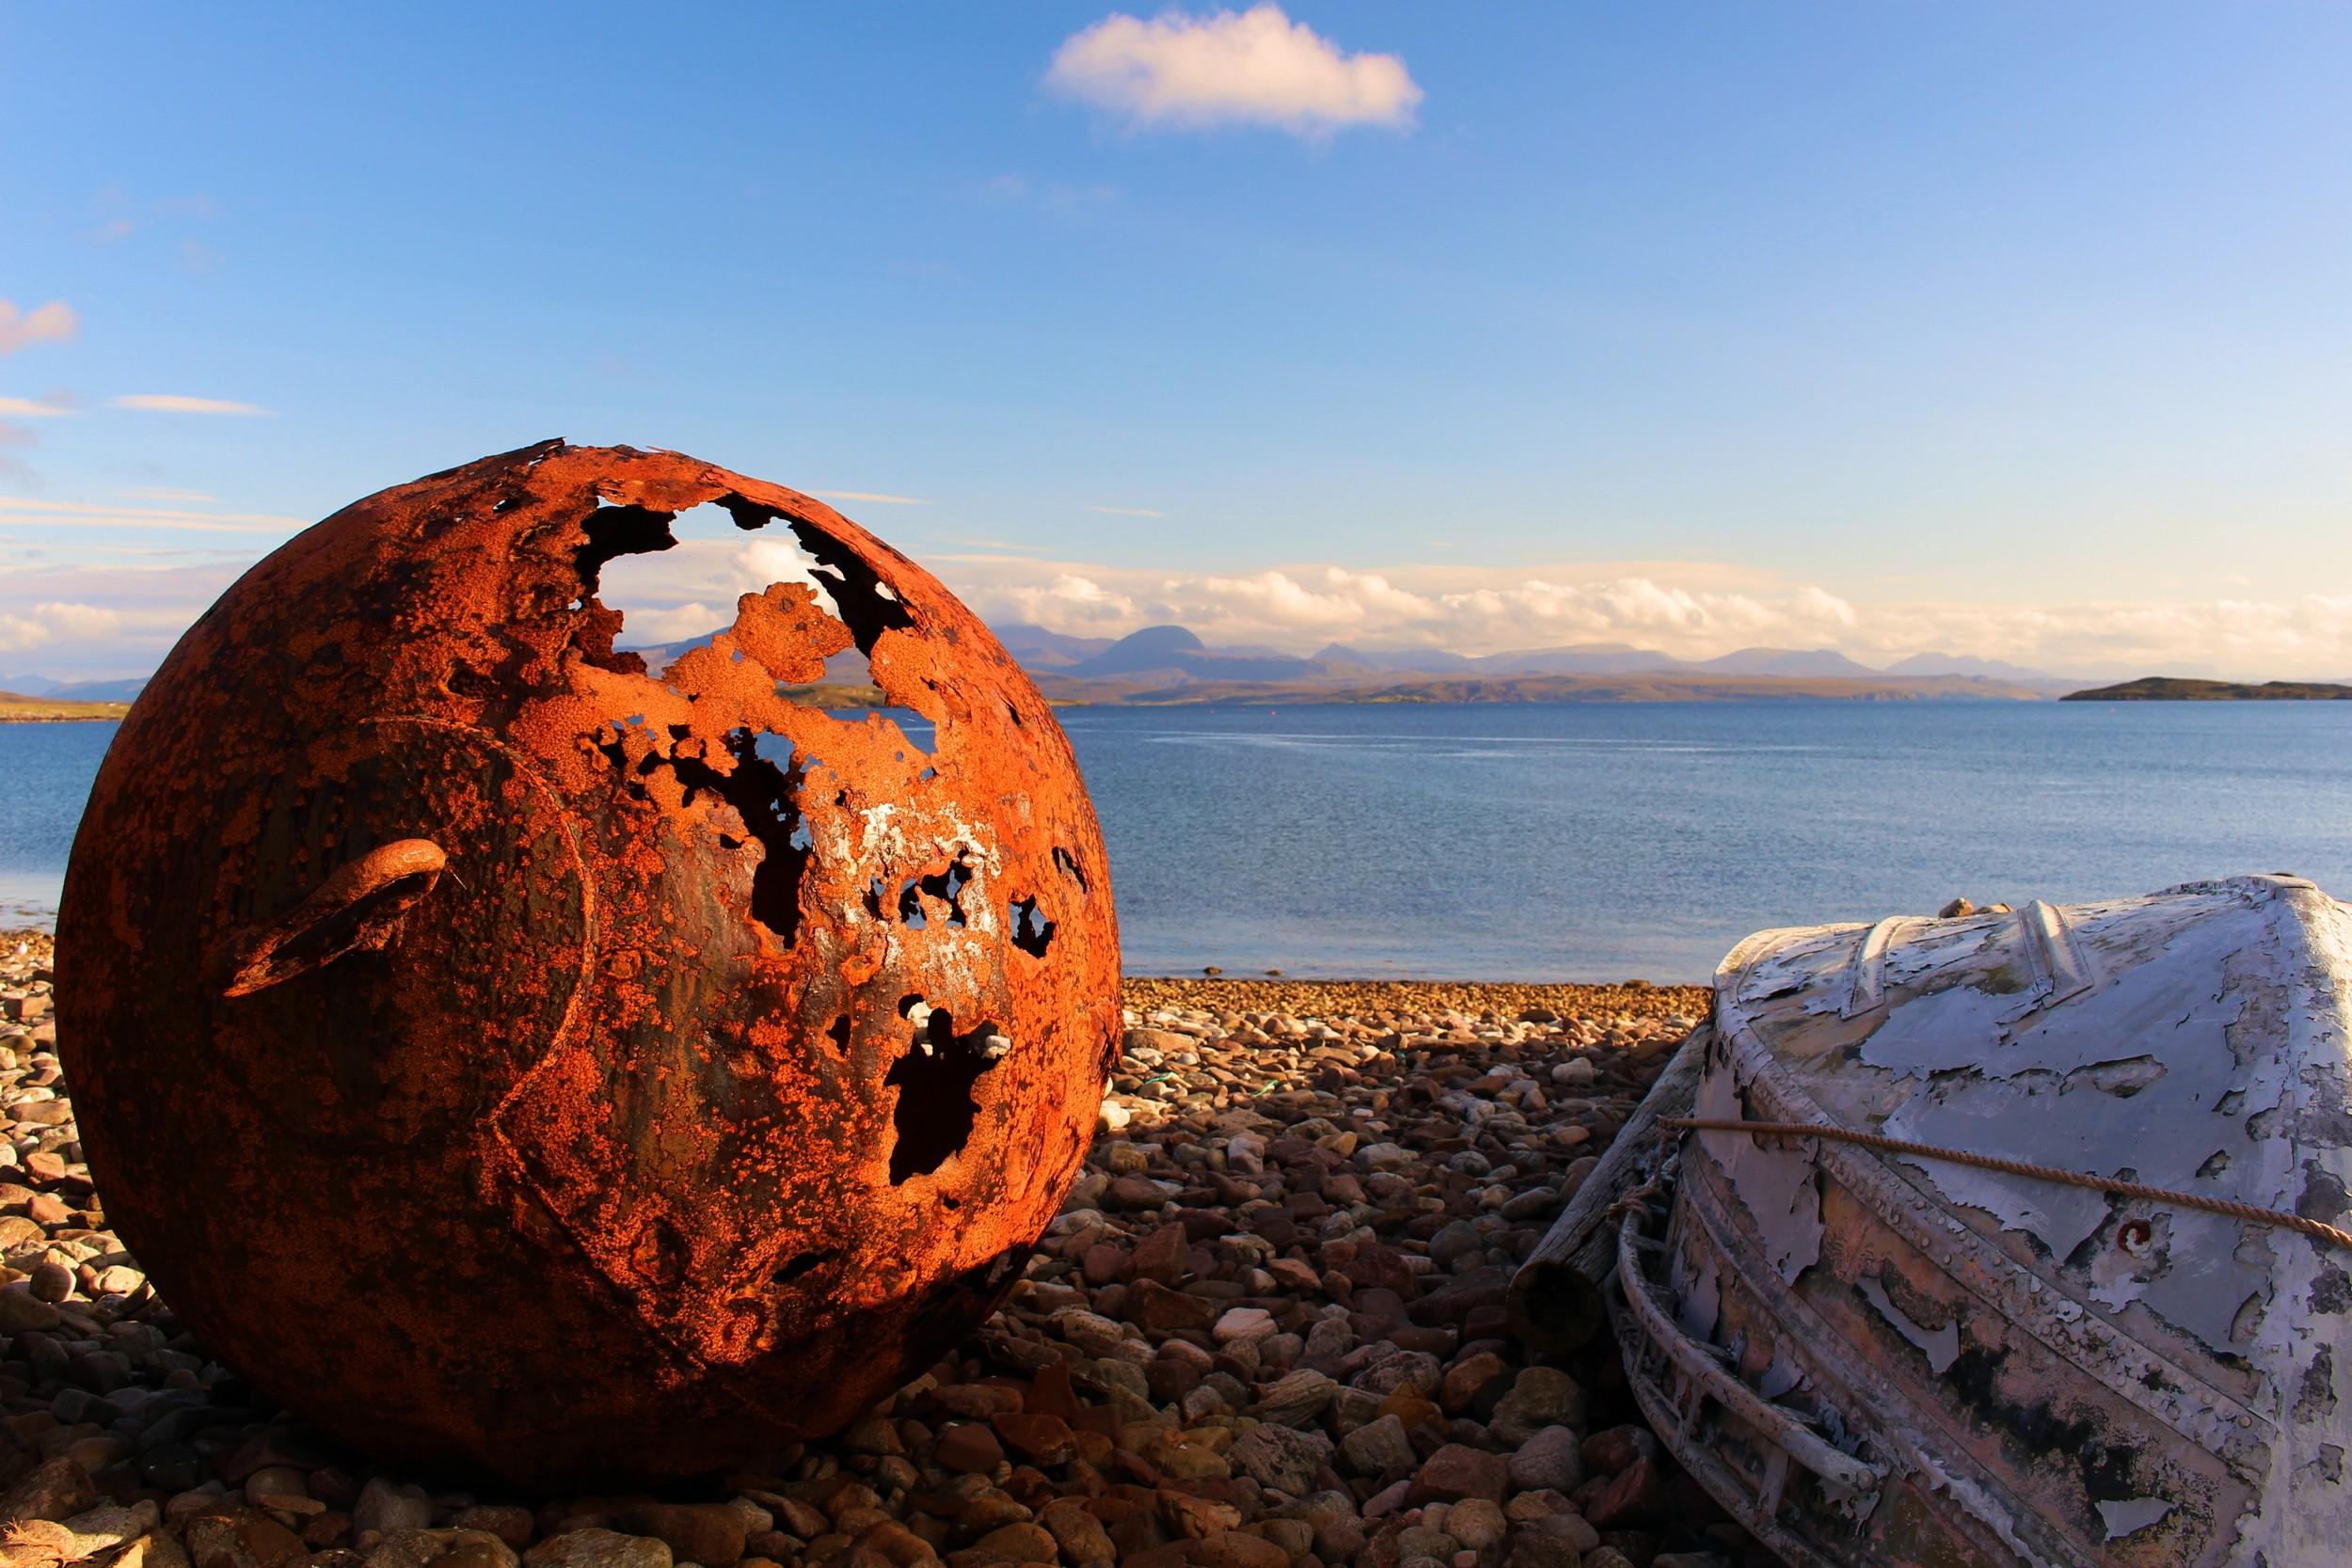 Badentarbet Bay, North West Highlands © by Klaus Bölling